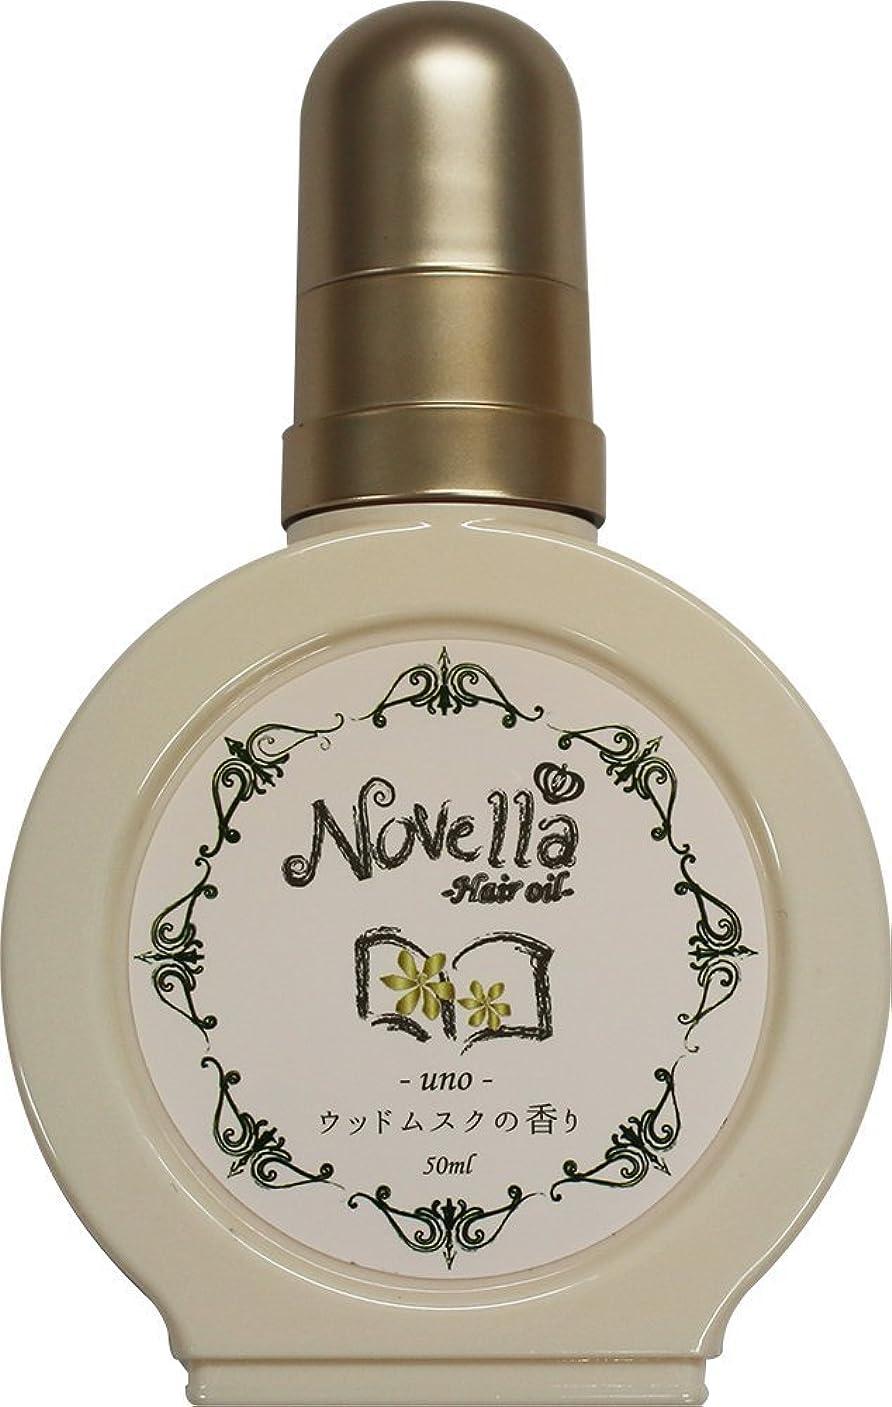 良心的弱める極めて重要なNOVELLA(ノヴェラ)フレグランスヘアオイル ウノ(ウッドムスクの香り)